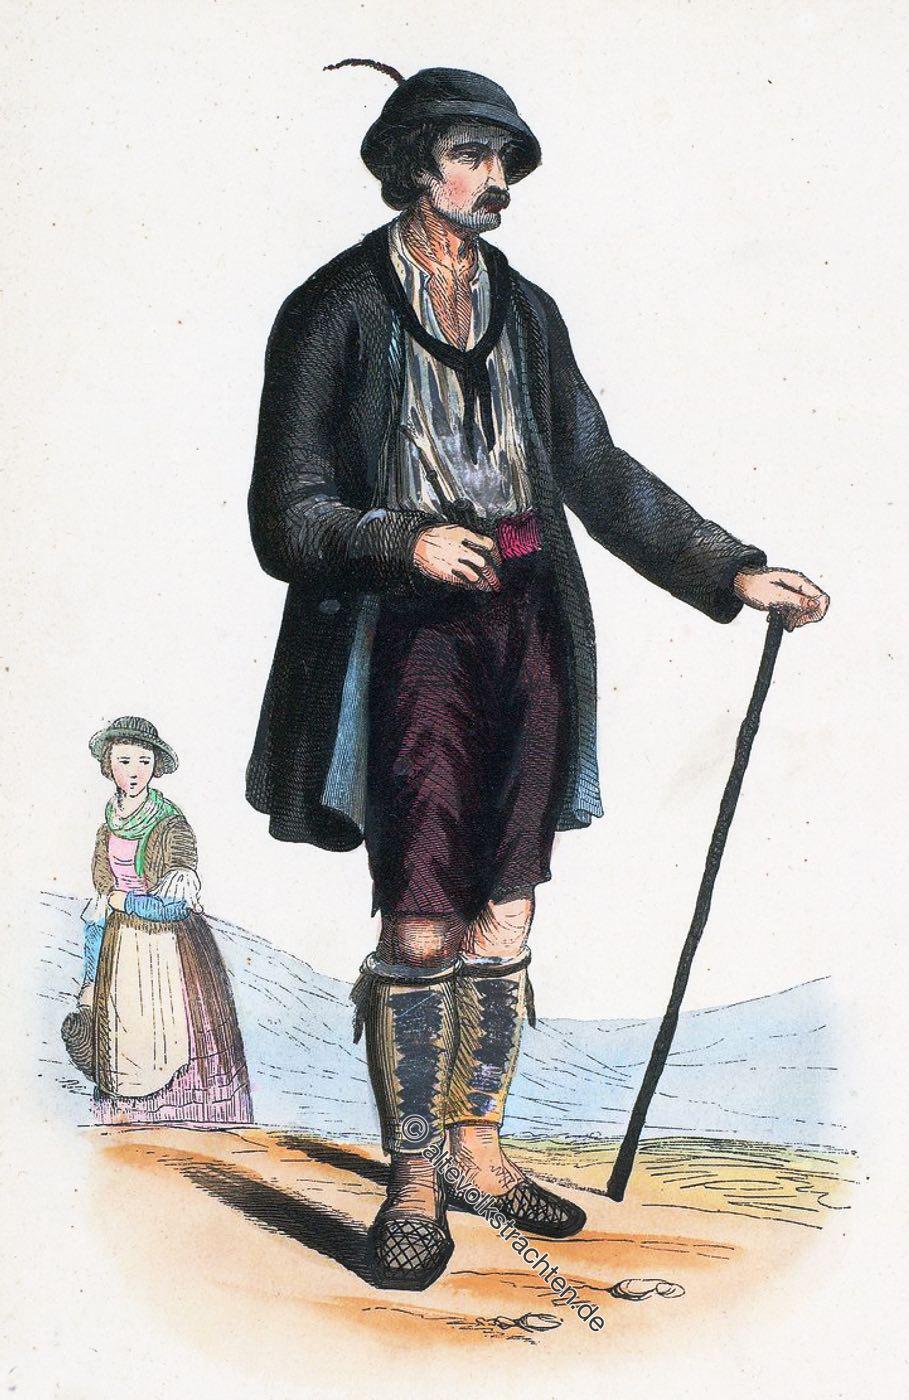 Trachten, Volkstrachten, Tuxertal, Tirol, Vallée, Dux, Tyrol, Österreich